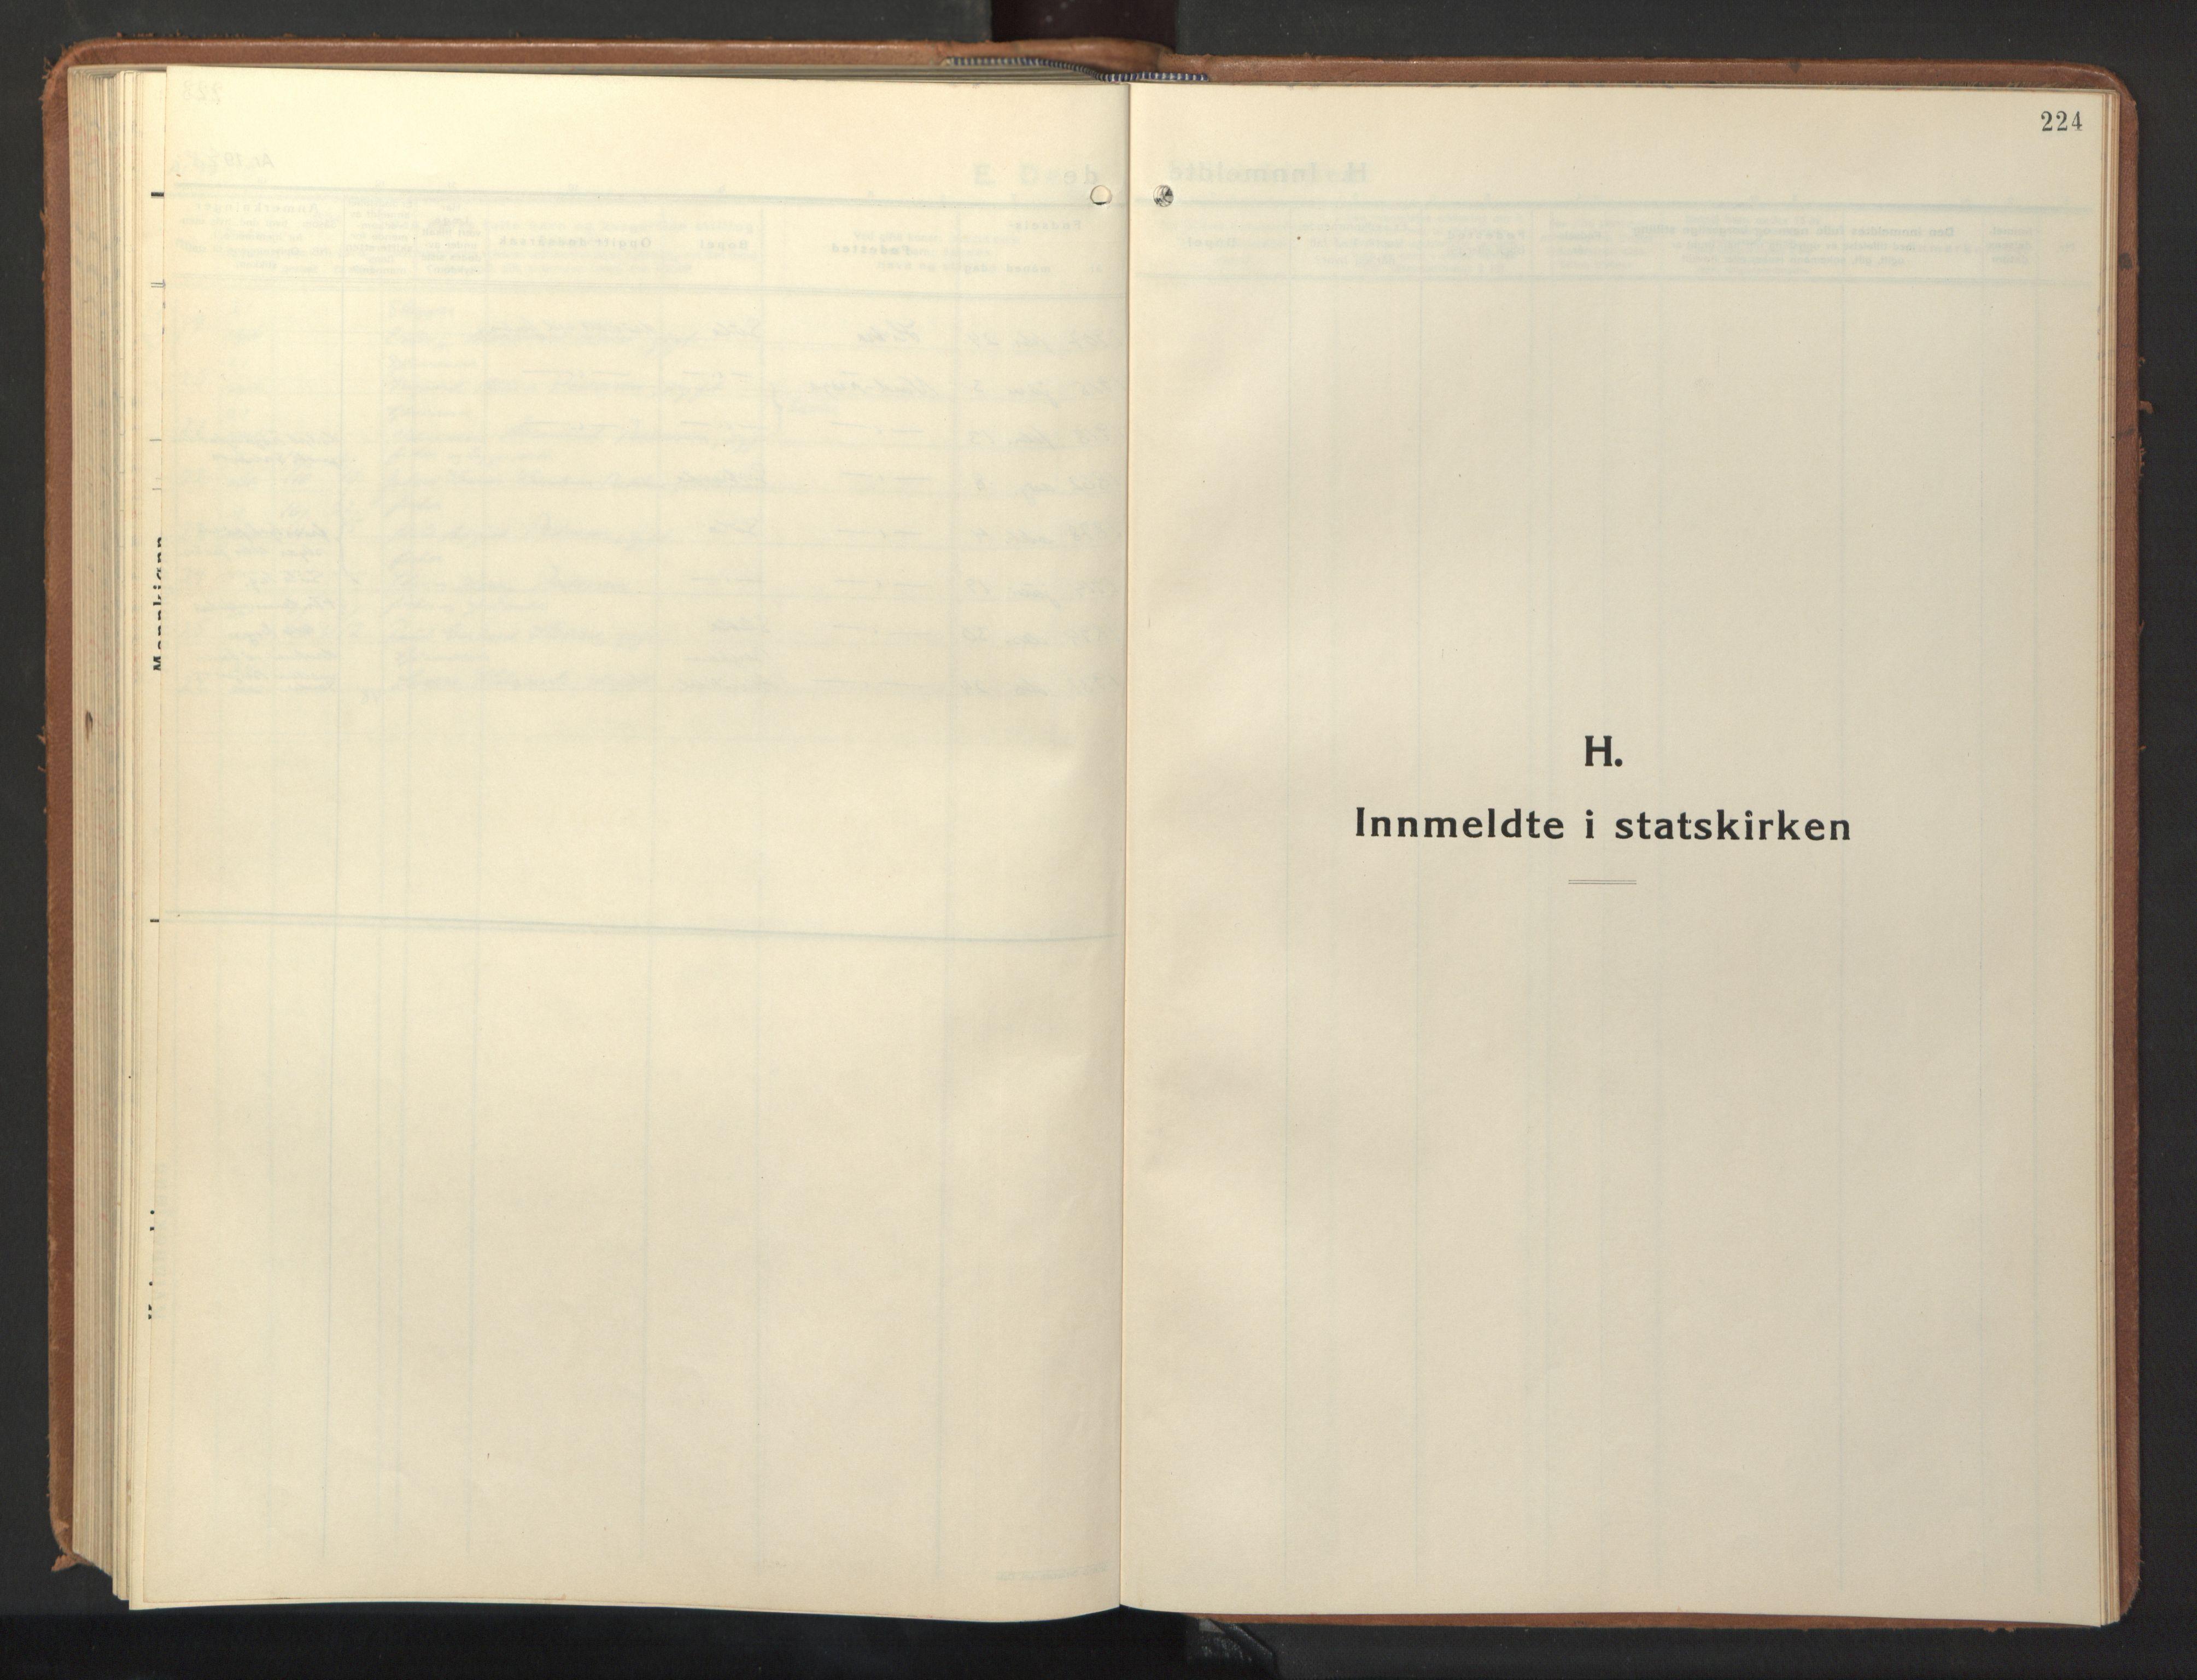 SAT, Ministerialprotokoller, klokkerbøker og fødselsregistre - Sør-Trøndelag, 640/L0590: Klokkerbok nr. 640C07, 1935-1948, s. 224